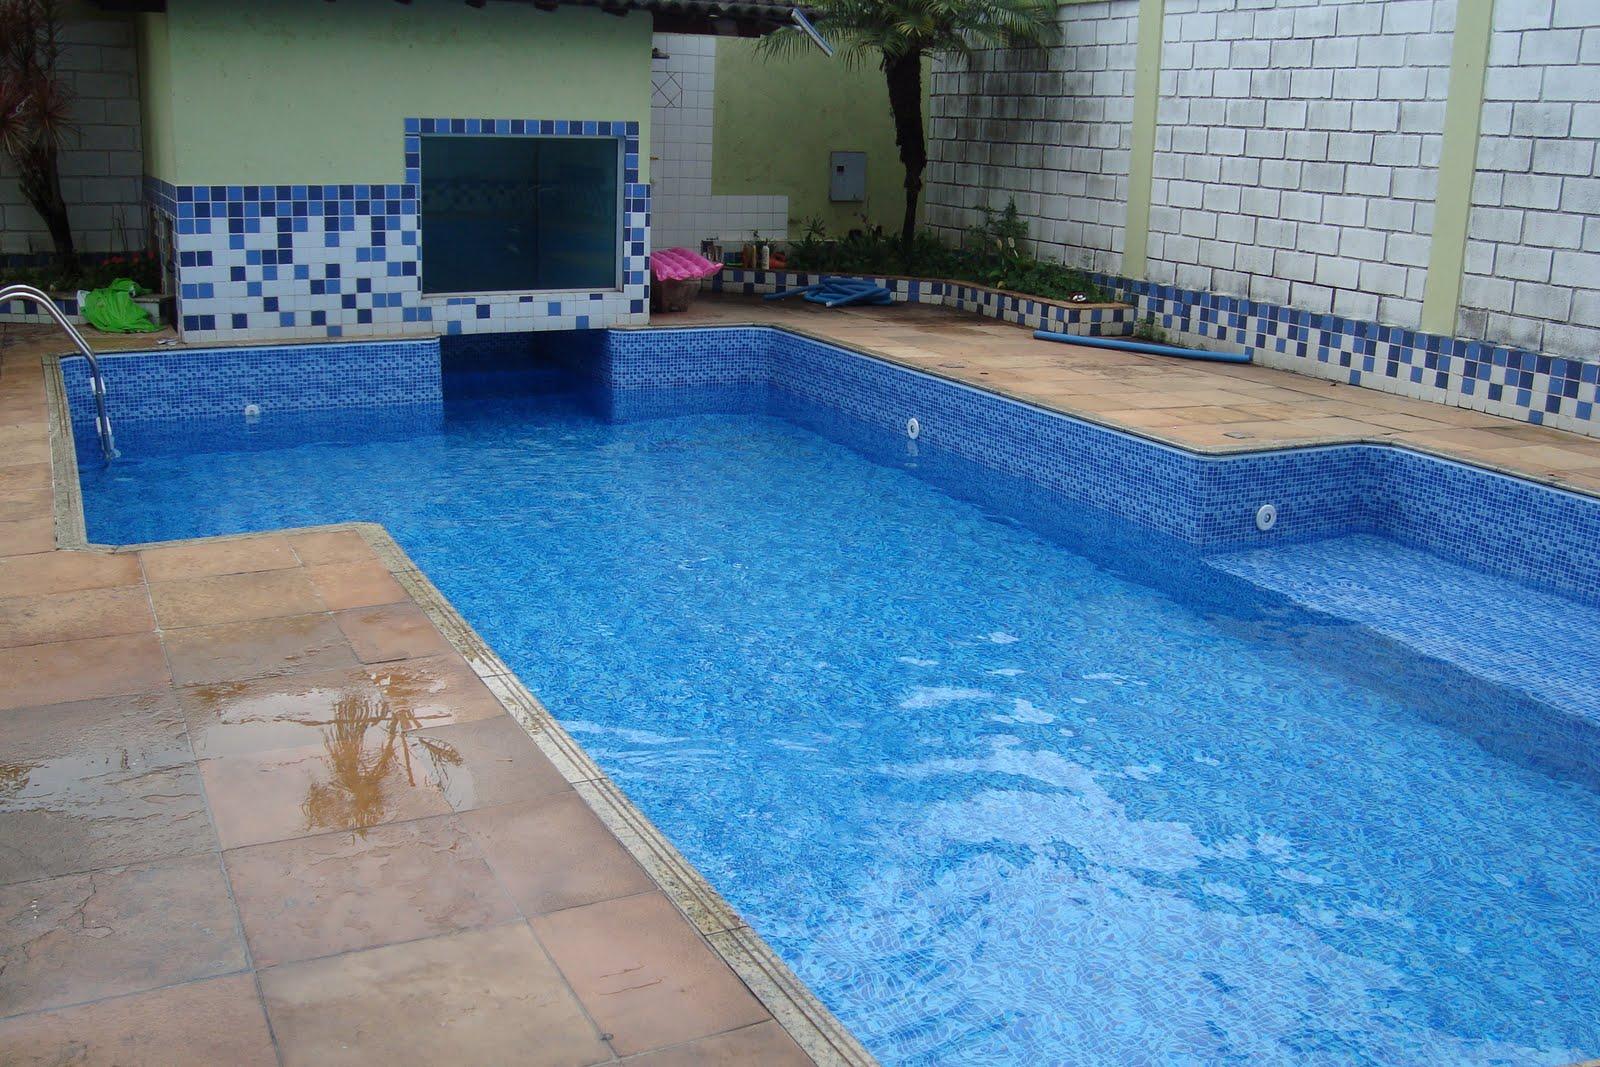 Fortal piscinas fotos de piscinas de vinil for Piscina 94 respuestas